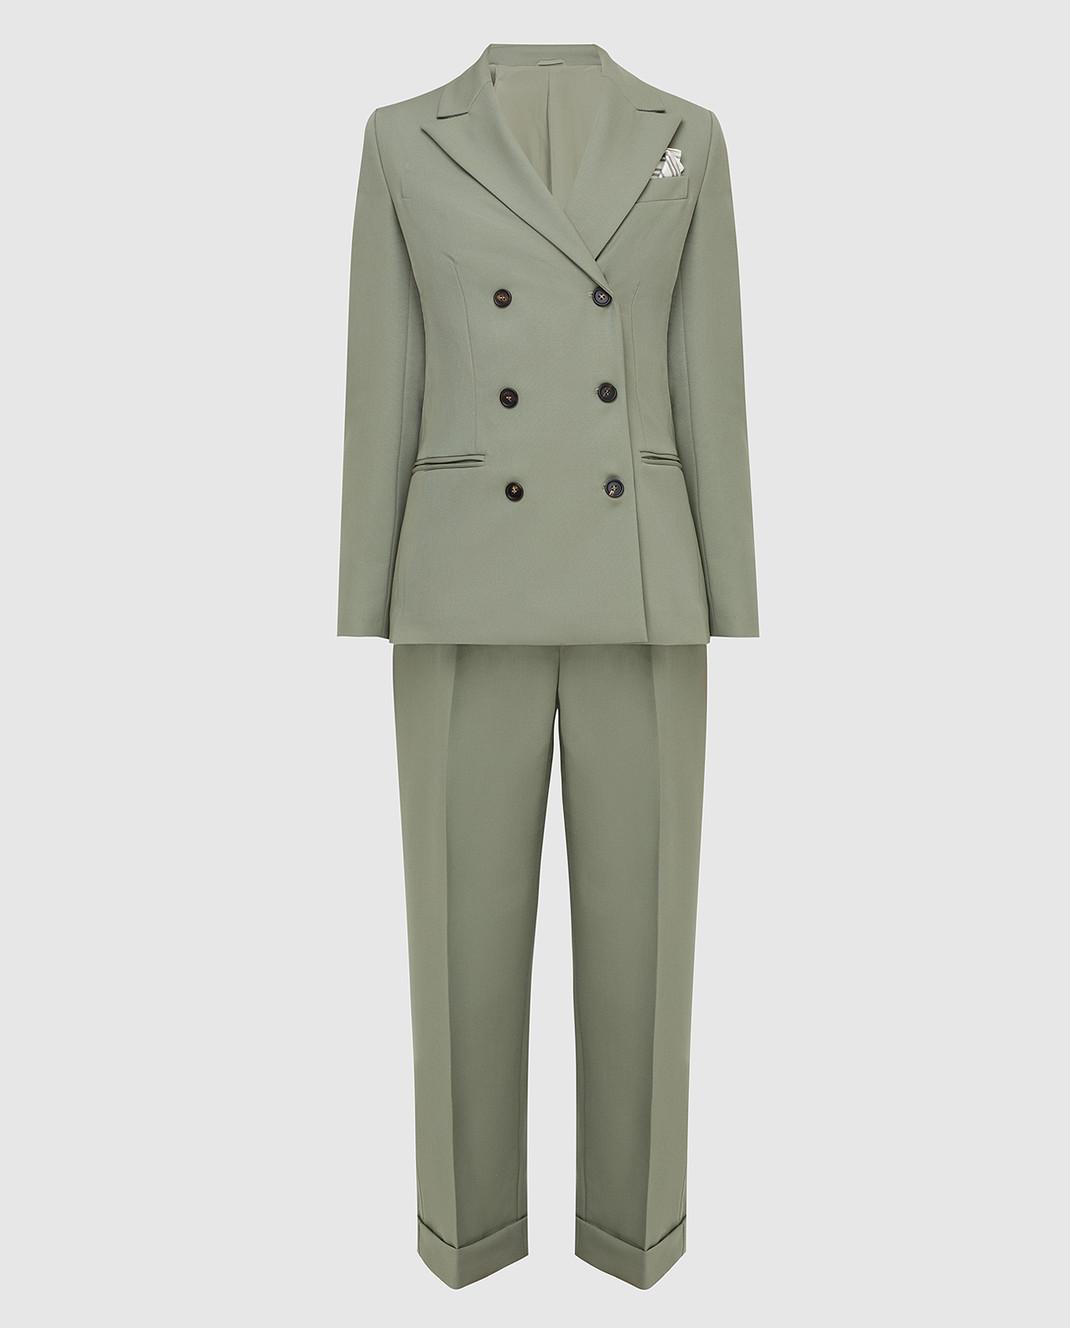 Brunello Cucinelli Зеленый костюм из шерсти изображение 1